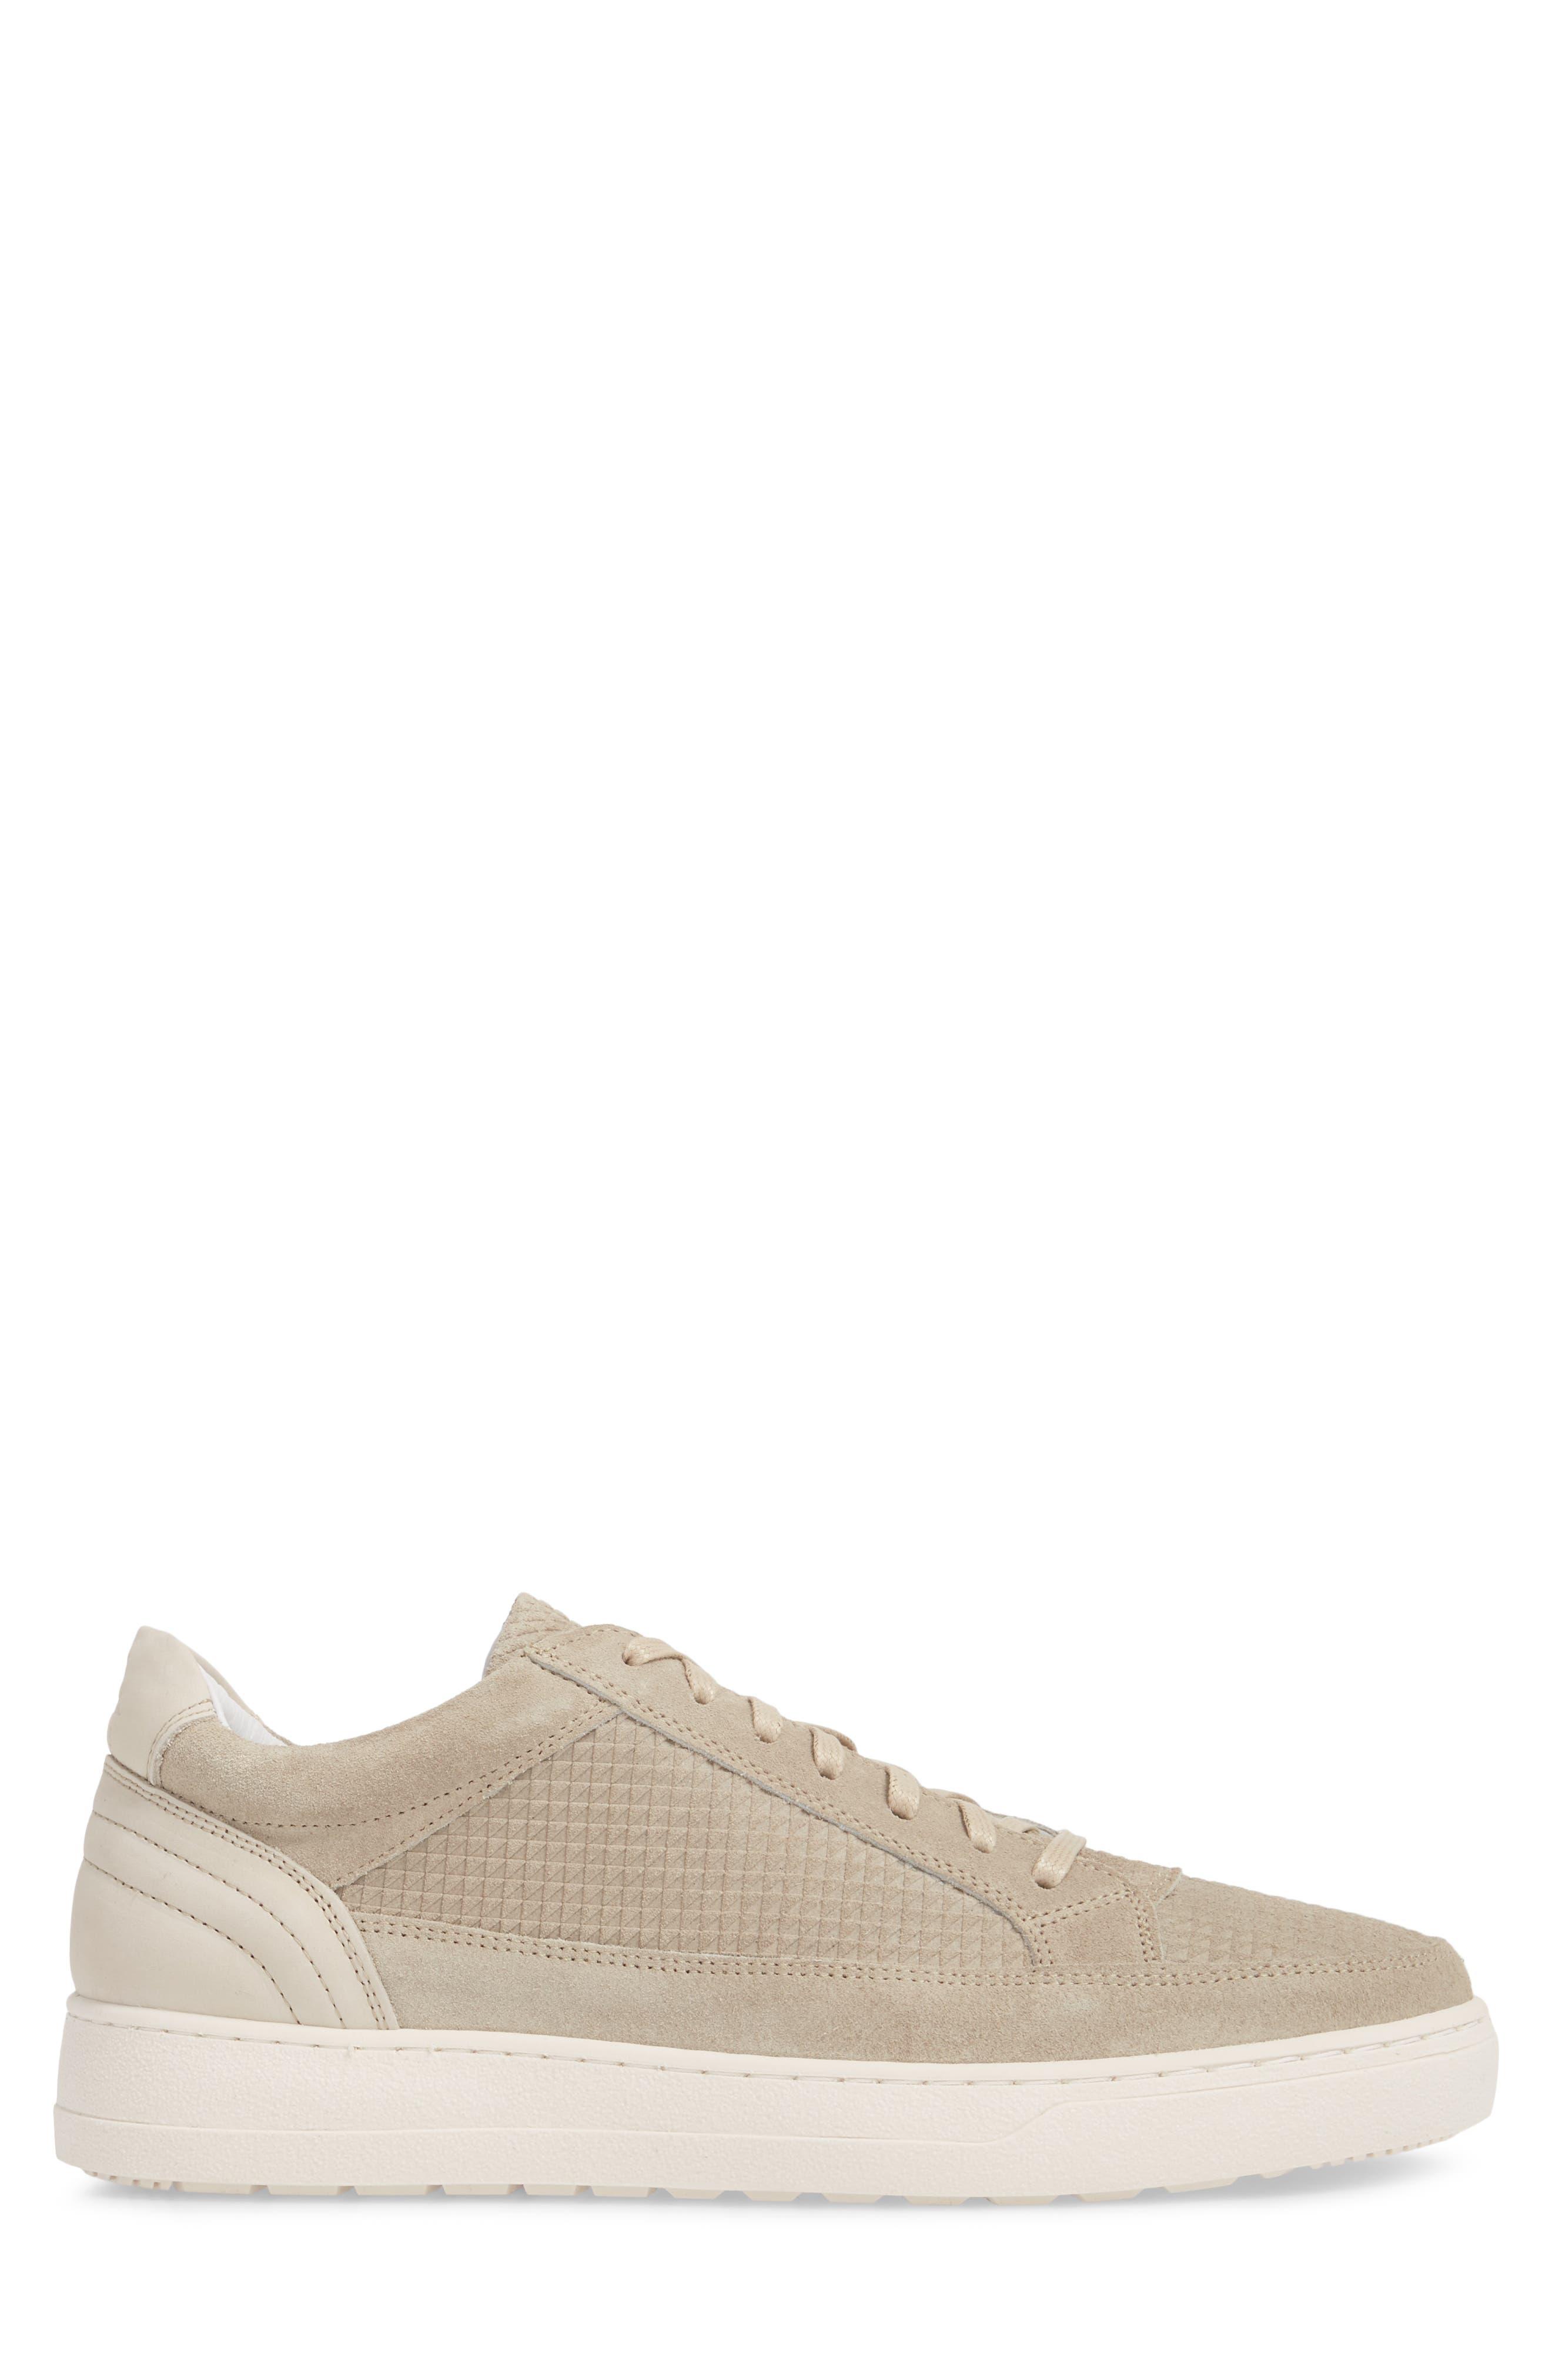 Reid Embossed Water Resistant Sneaker,                             Alternate thumbnail 3, color,                             Sand